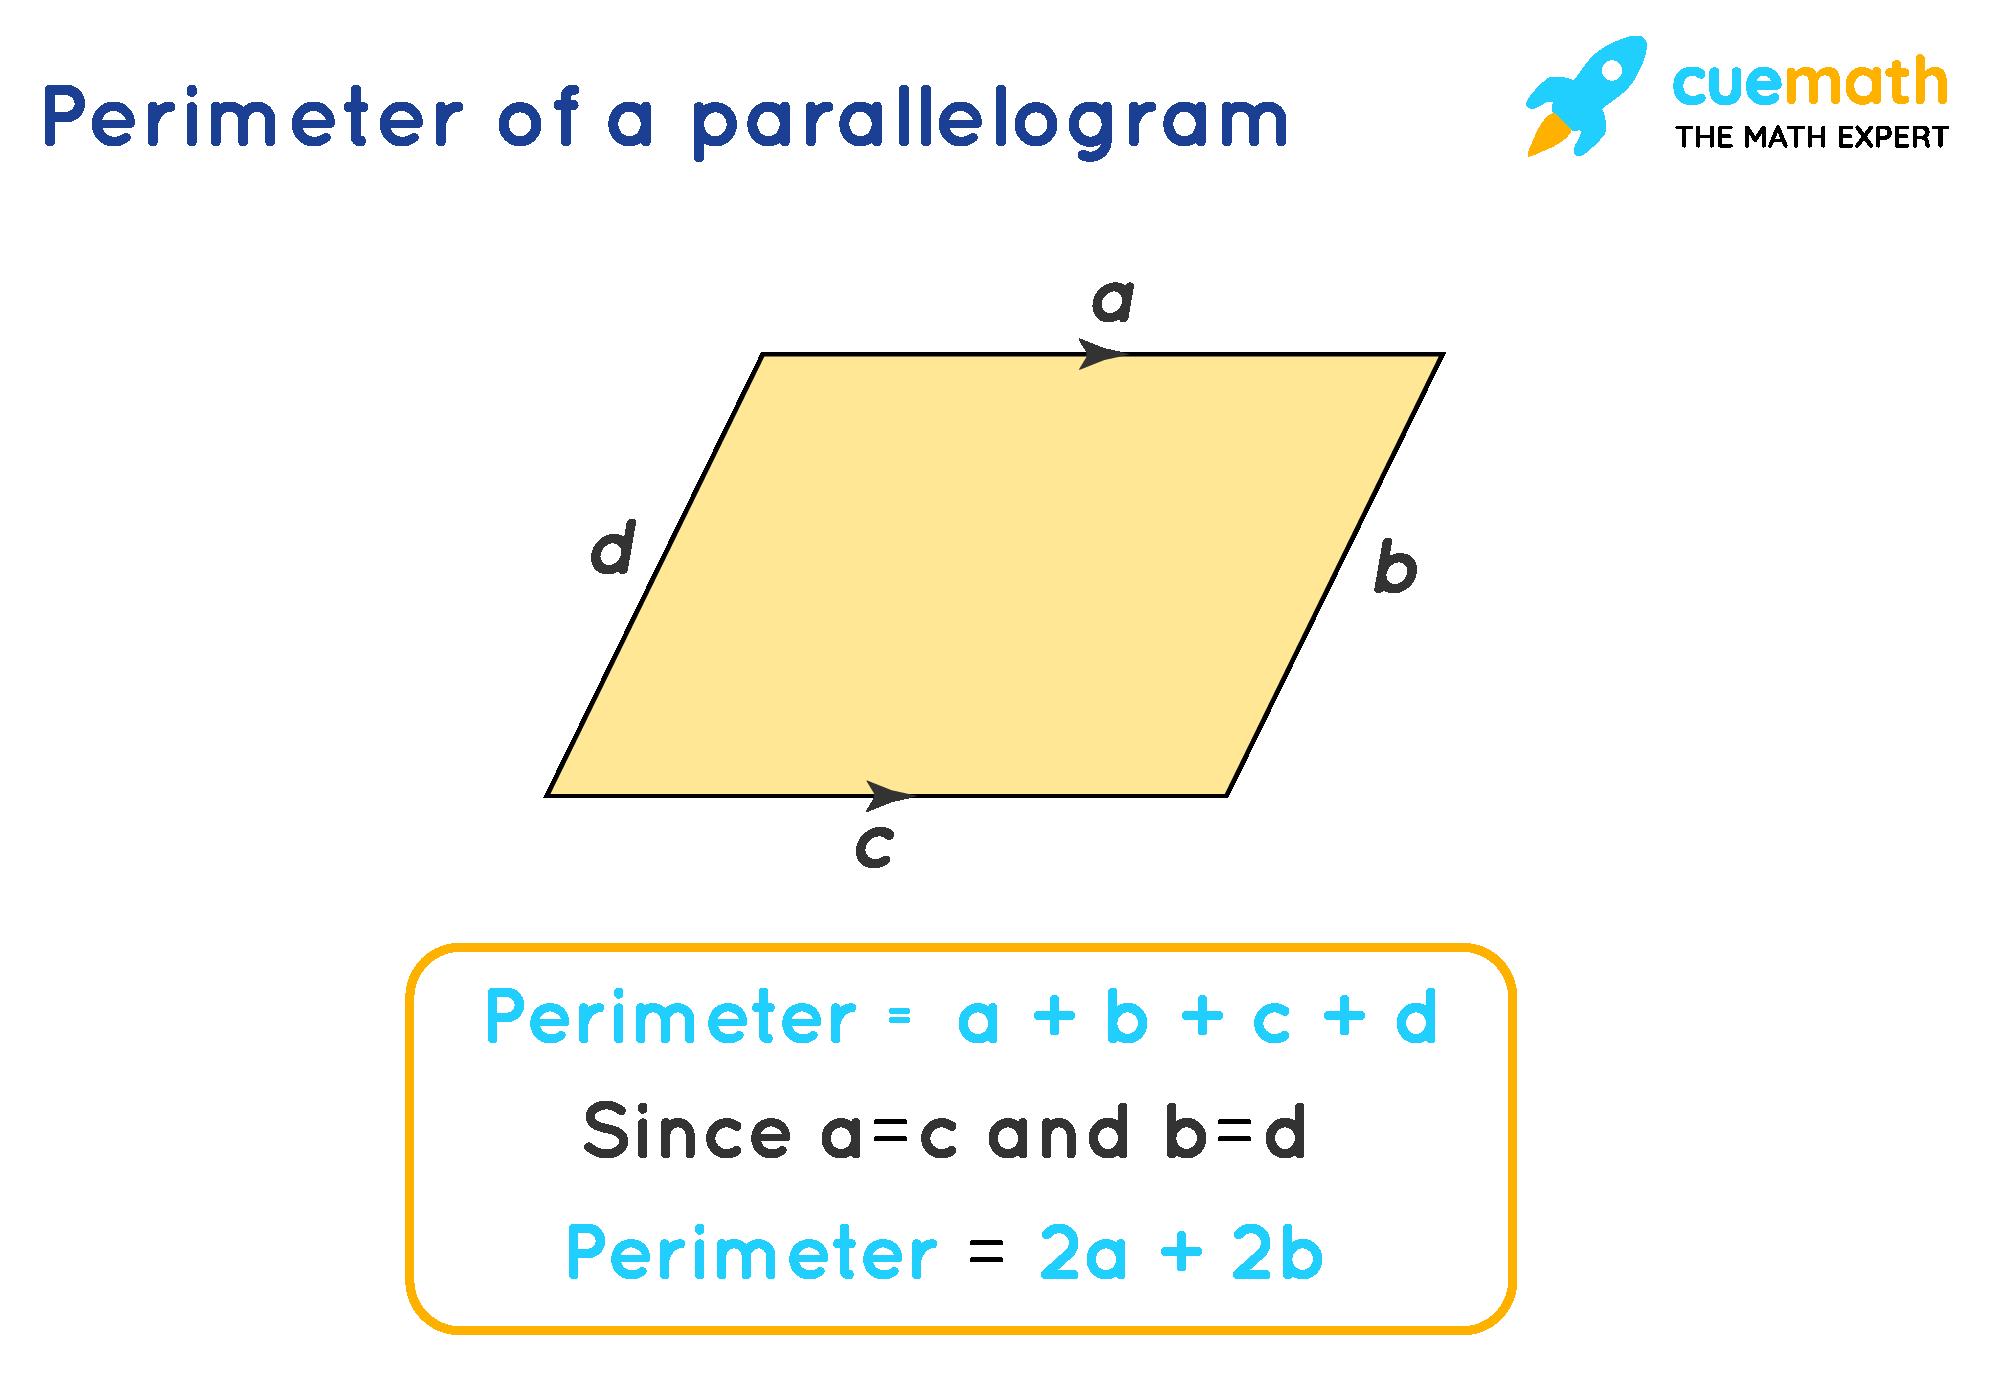 Perimeter of a parallelogram